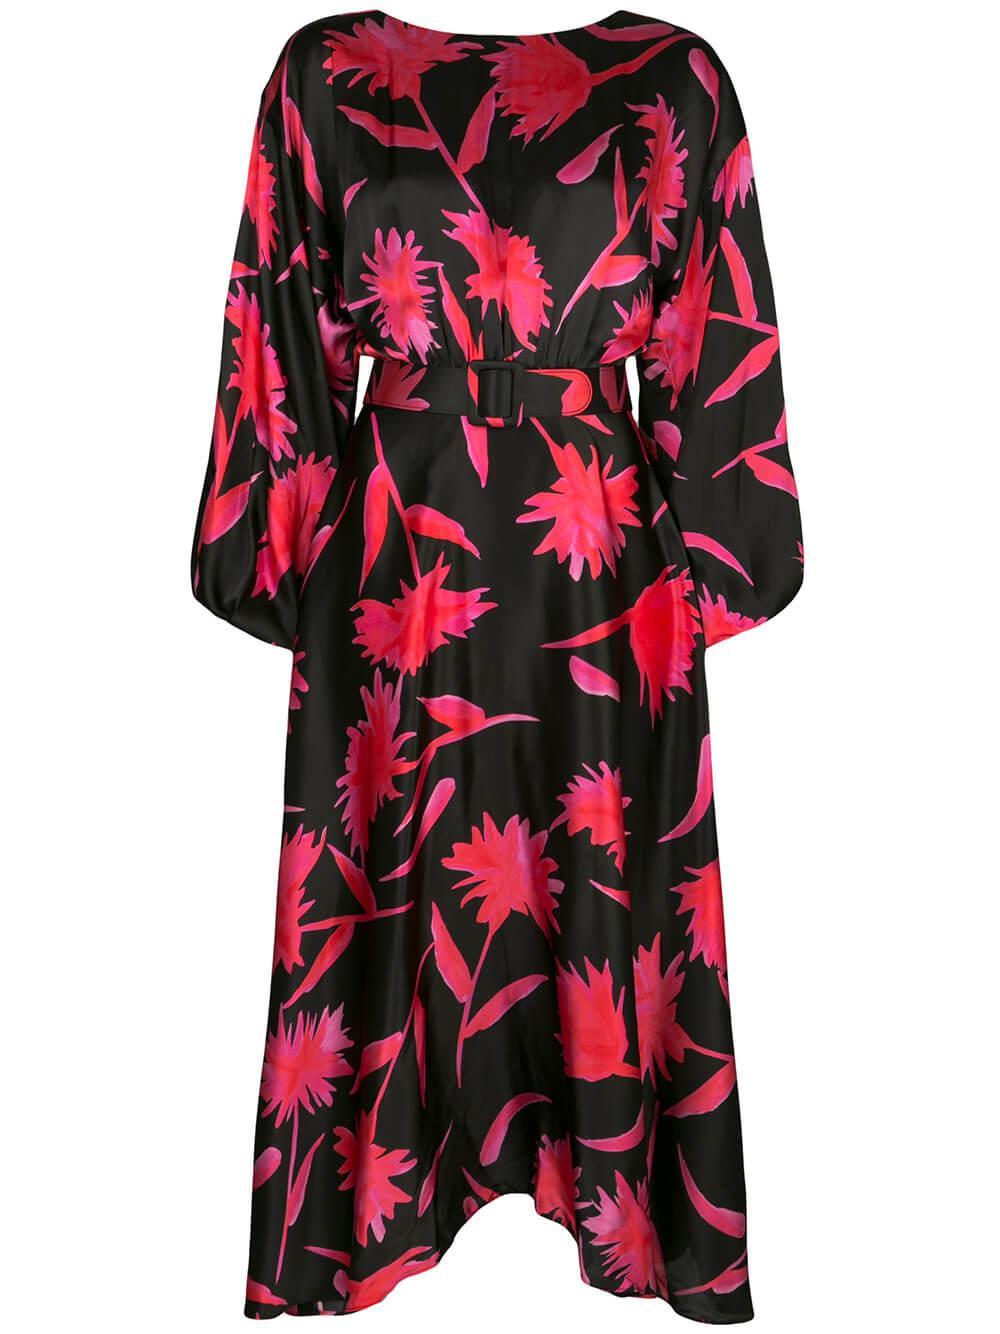 Kim Midi Floral Print Dress